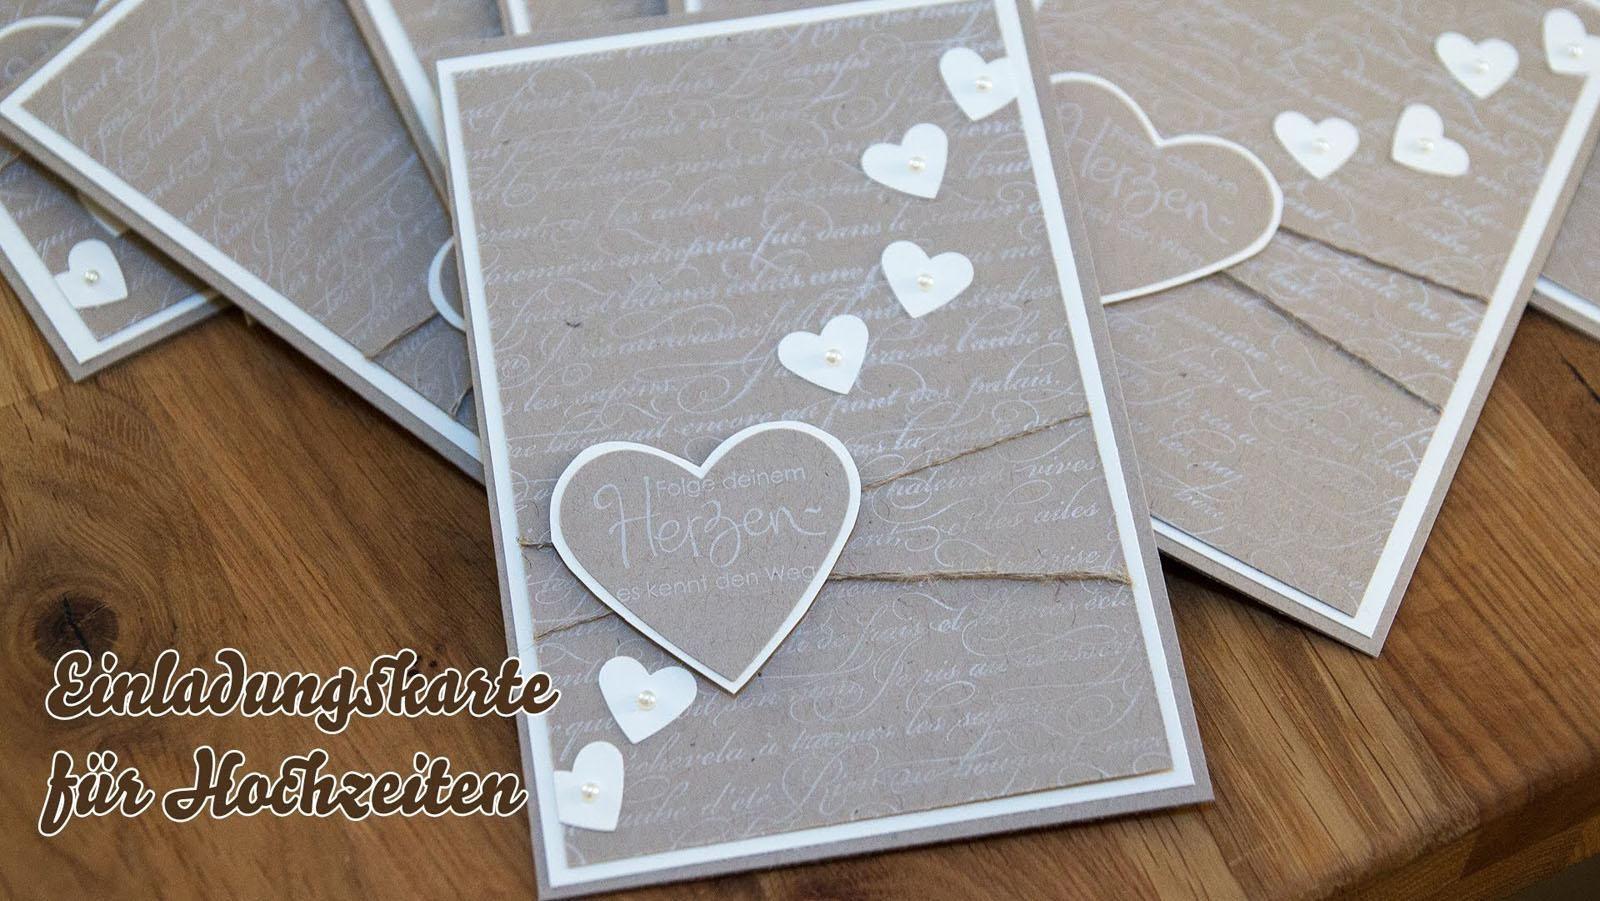 Einladungskarten Hochzeit Selbst Gestalten Kostenlos